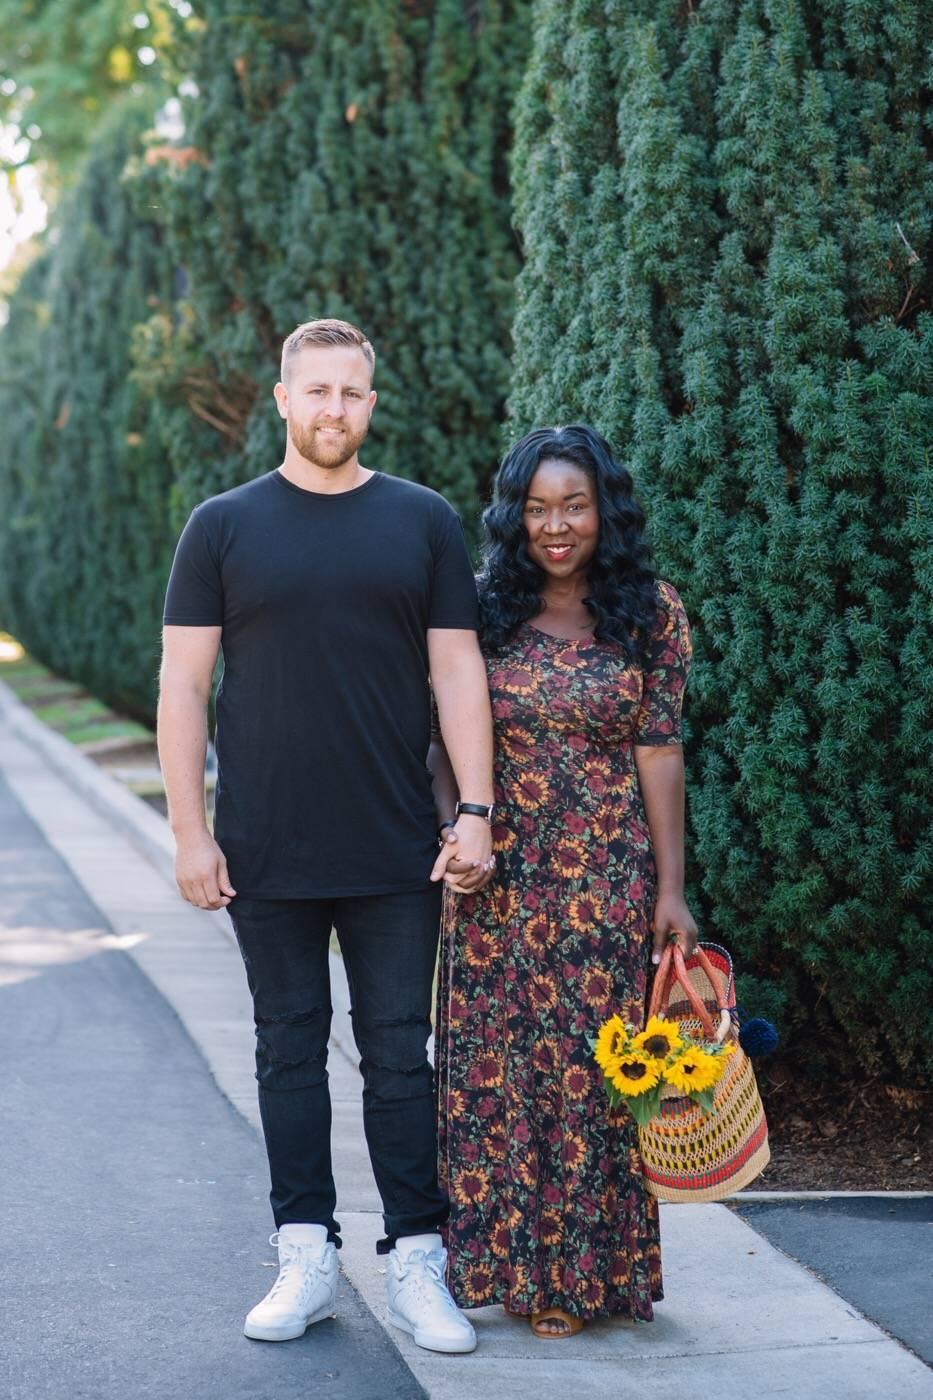 lularoe-family- husband and wife